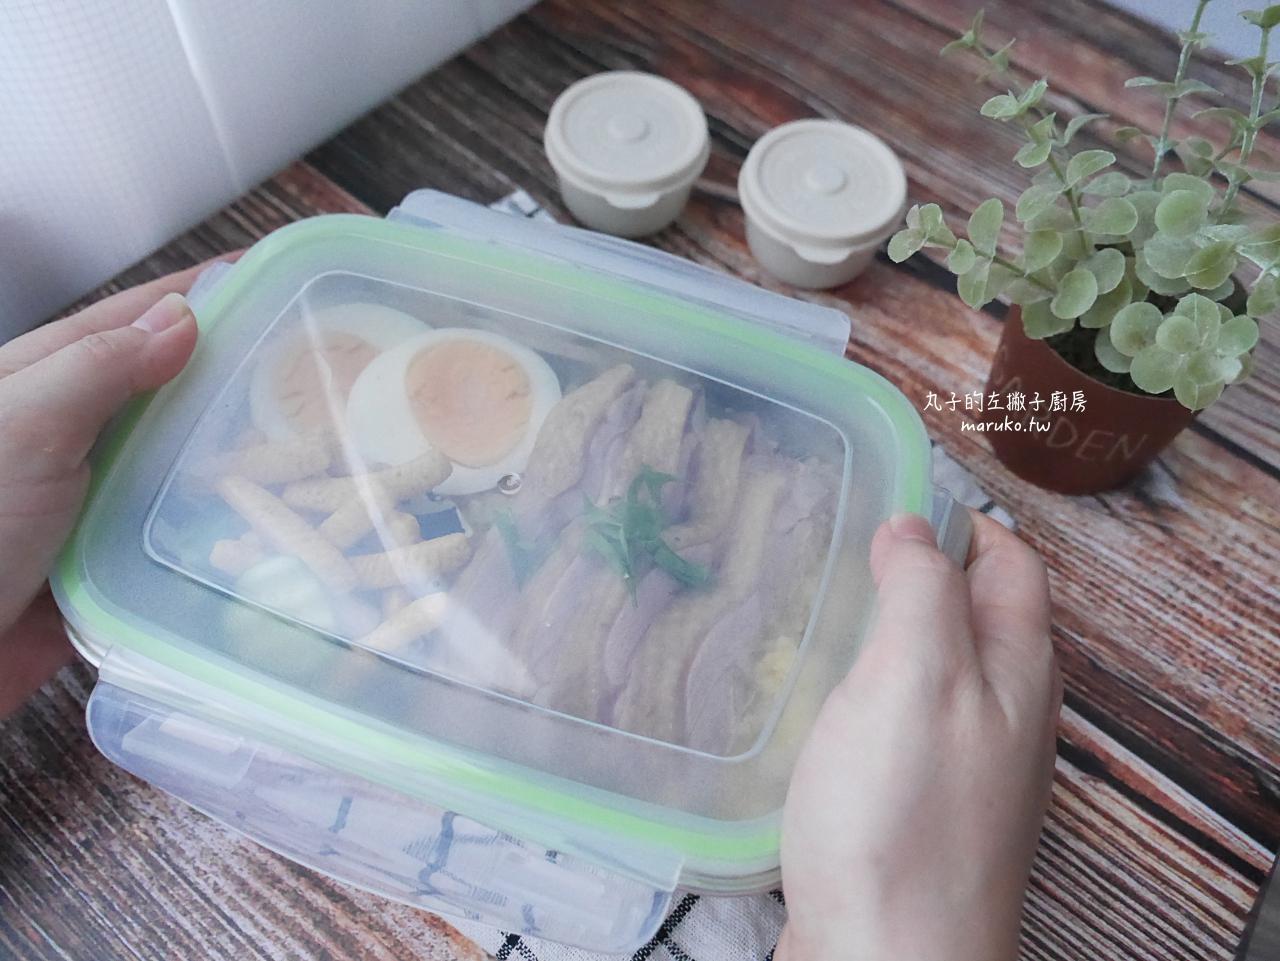 【食譜】海南雞飯 東南亞風手做便當 美膳雅蒸鮮鍋 不鏽鋼食物蒸煮容器附保鮮蓋 使用心得分享 @Maruko與美食有個約會